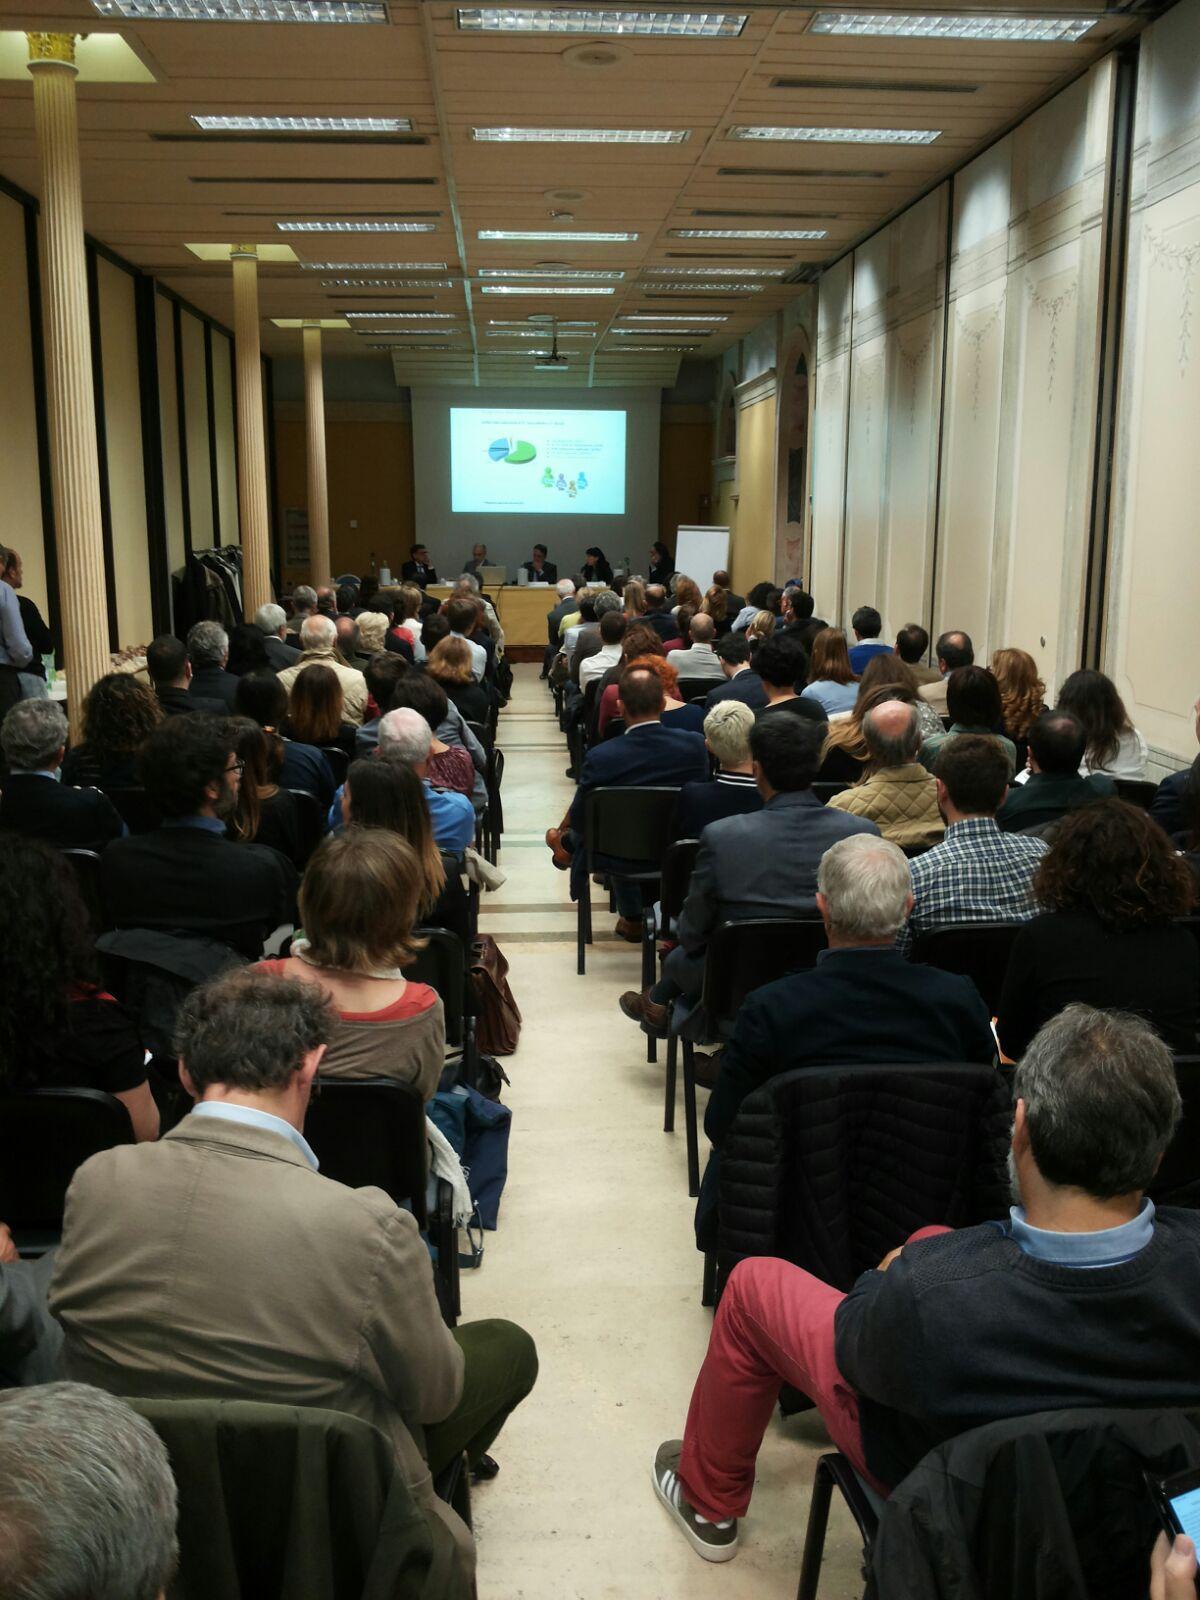 http://devintra.soginweb/SiteAssets/Gallery_Eventi/Convegno_OICE_su_nuova_direttiva_VIA_16052018.jpg